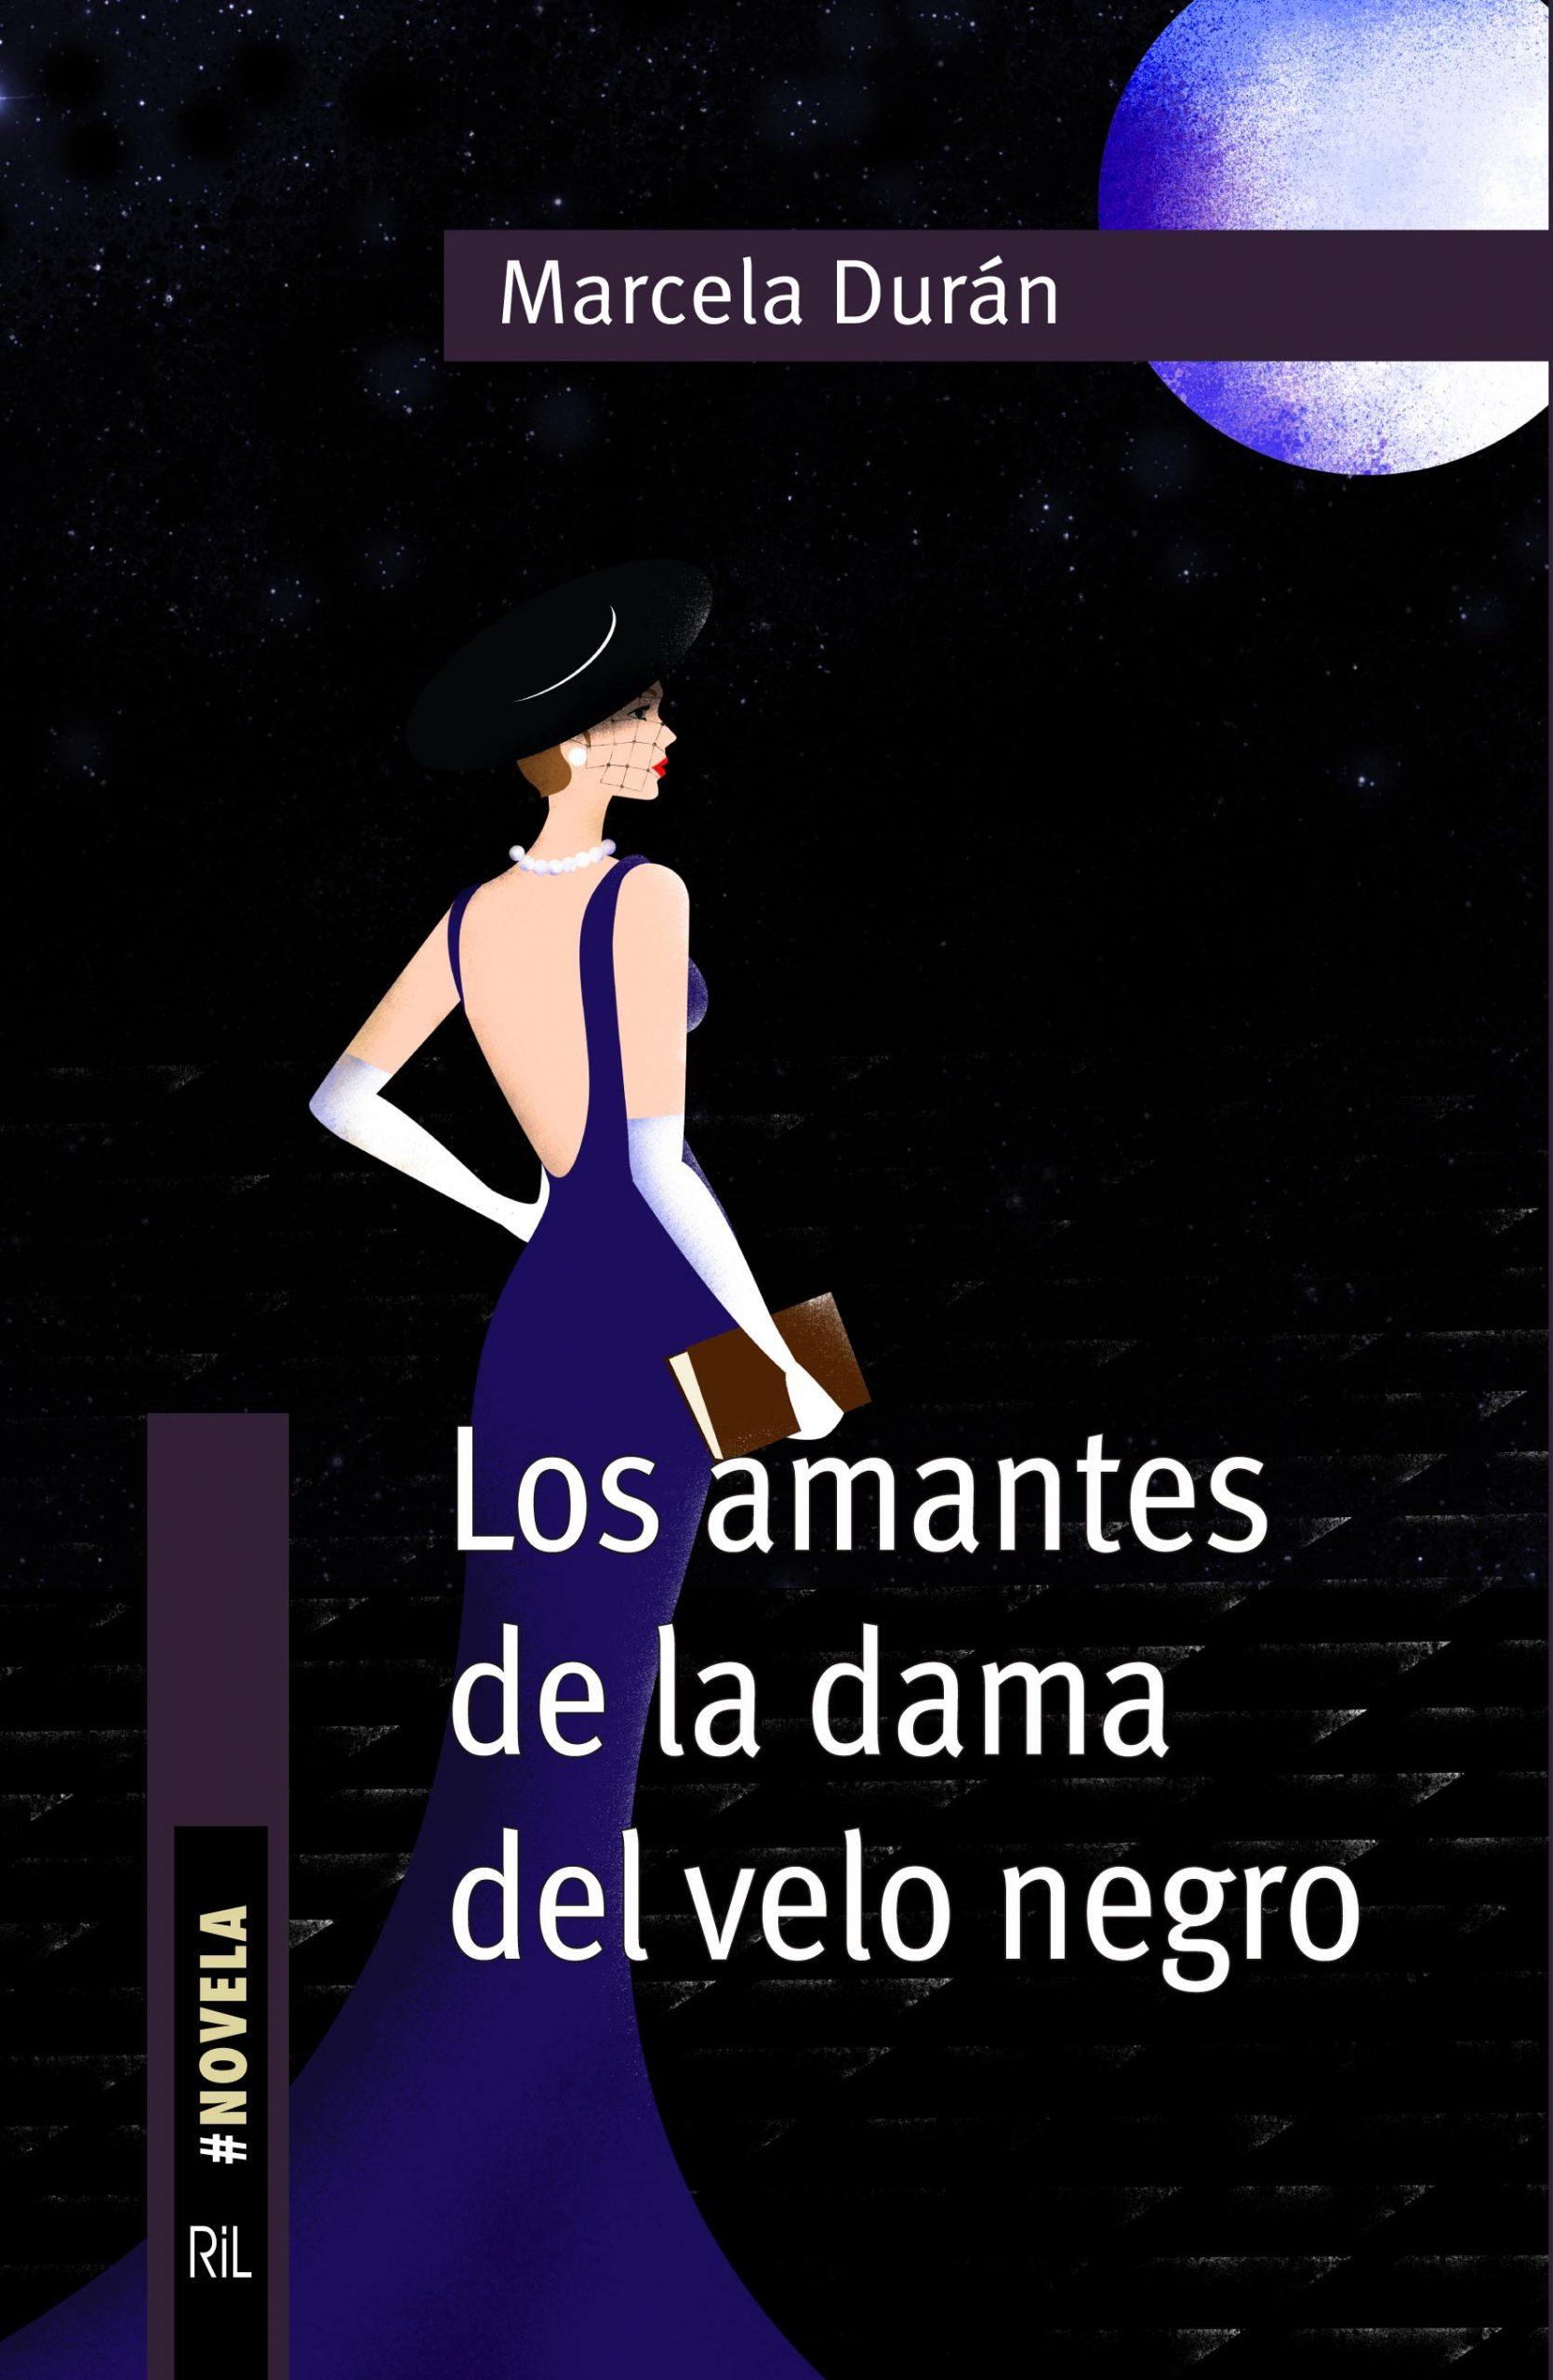 Los amantes de la dama del velo negro 1